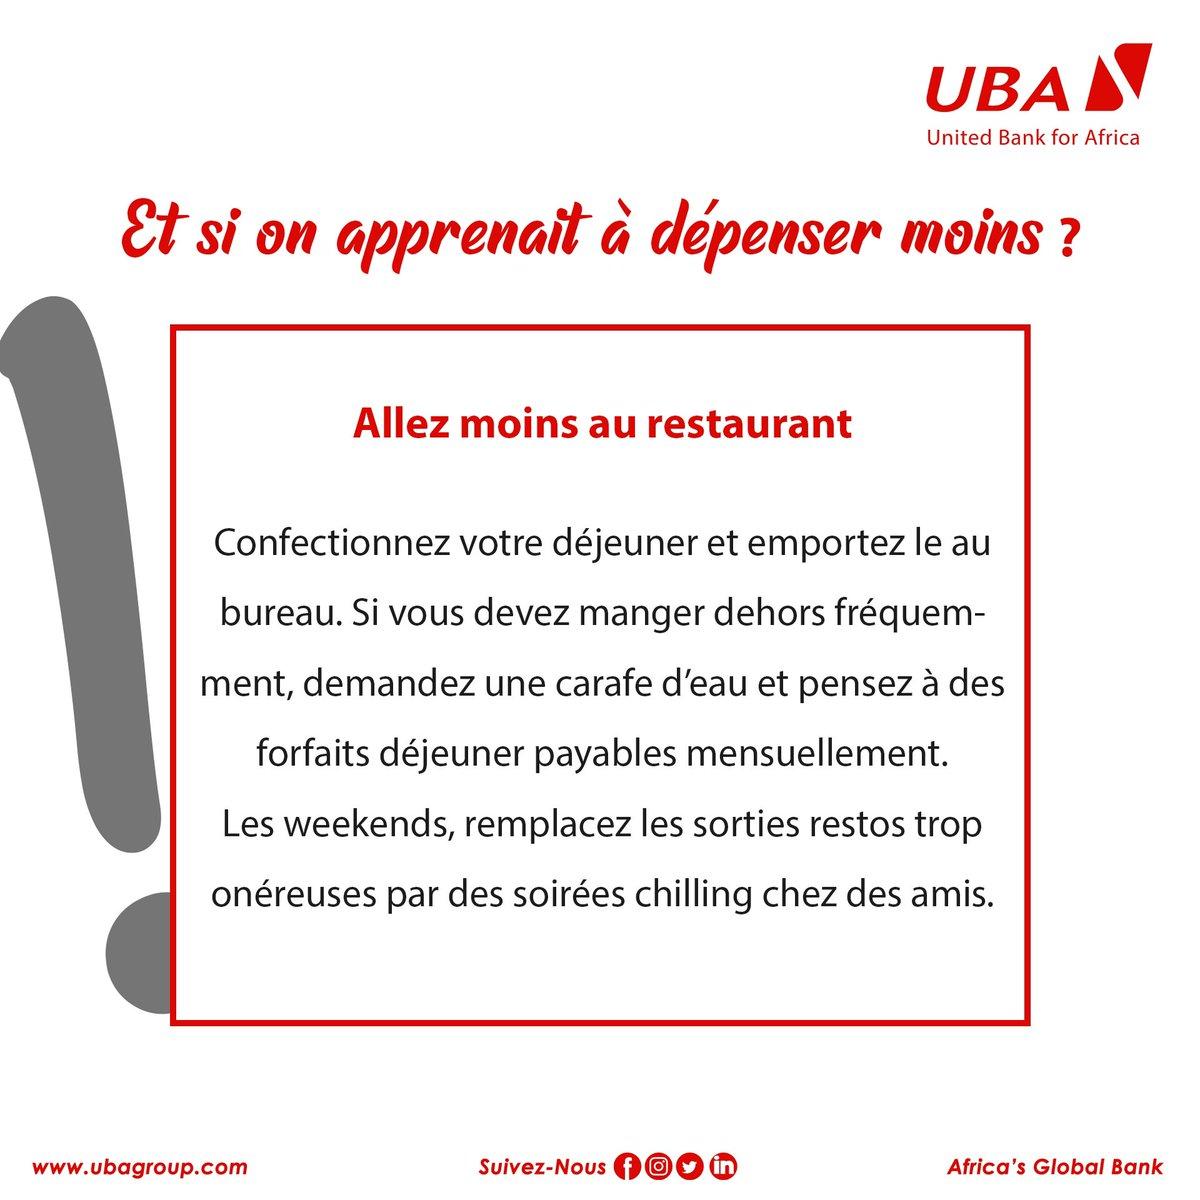 [Conseils]  C'est l'heure de la pause, tu vas payer combien pour manger ce midi ???  Astuce #4  #EducationFinanciere #IndependanceFinanciere #UBACares #AfricasGlobalBank https://t.co/tUivs4ZzB0